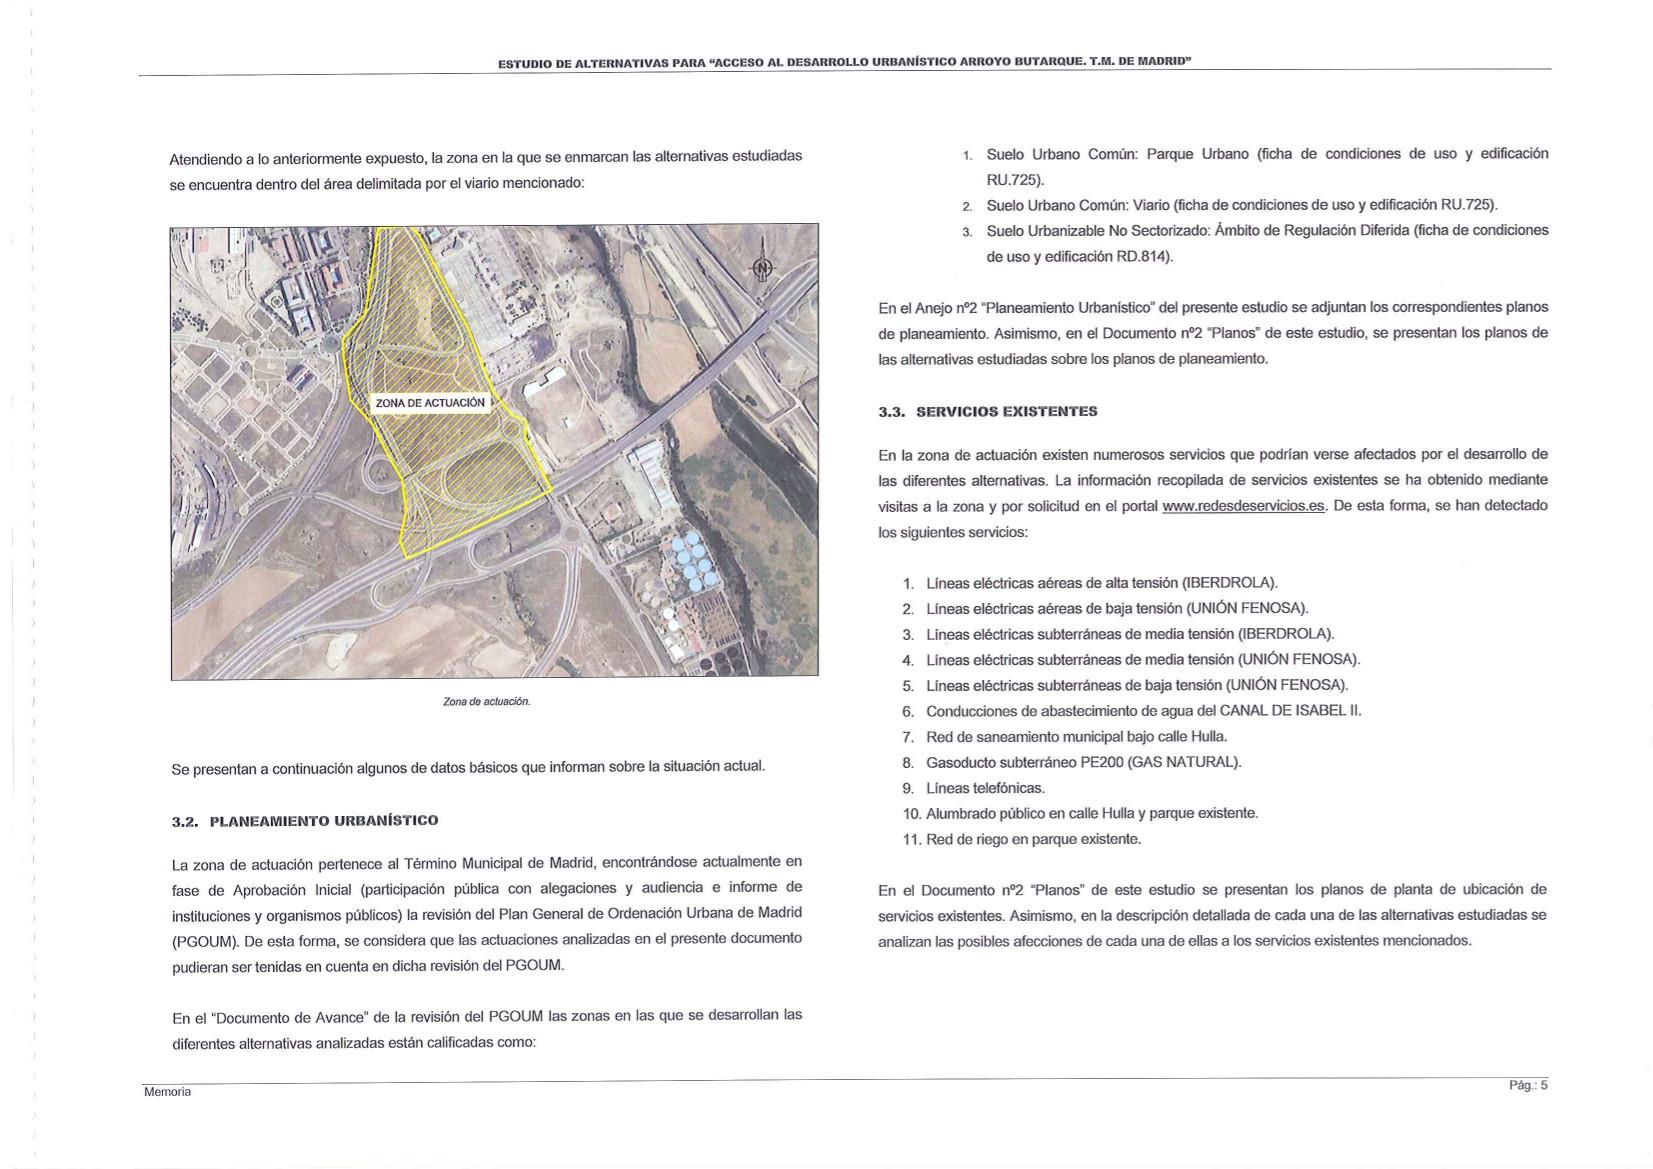 20140200_Estudio_alternativas_accesos_carretera_Butarque_CM_06.jpg